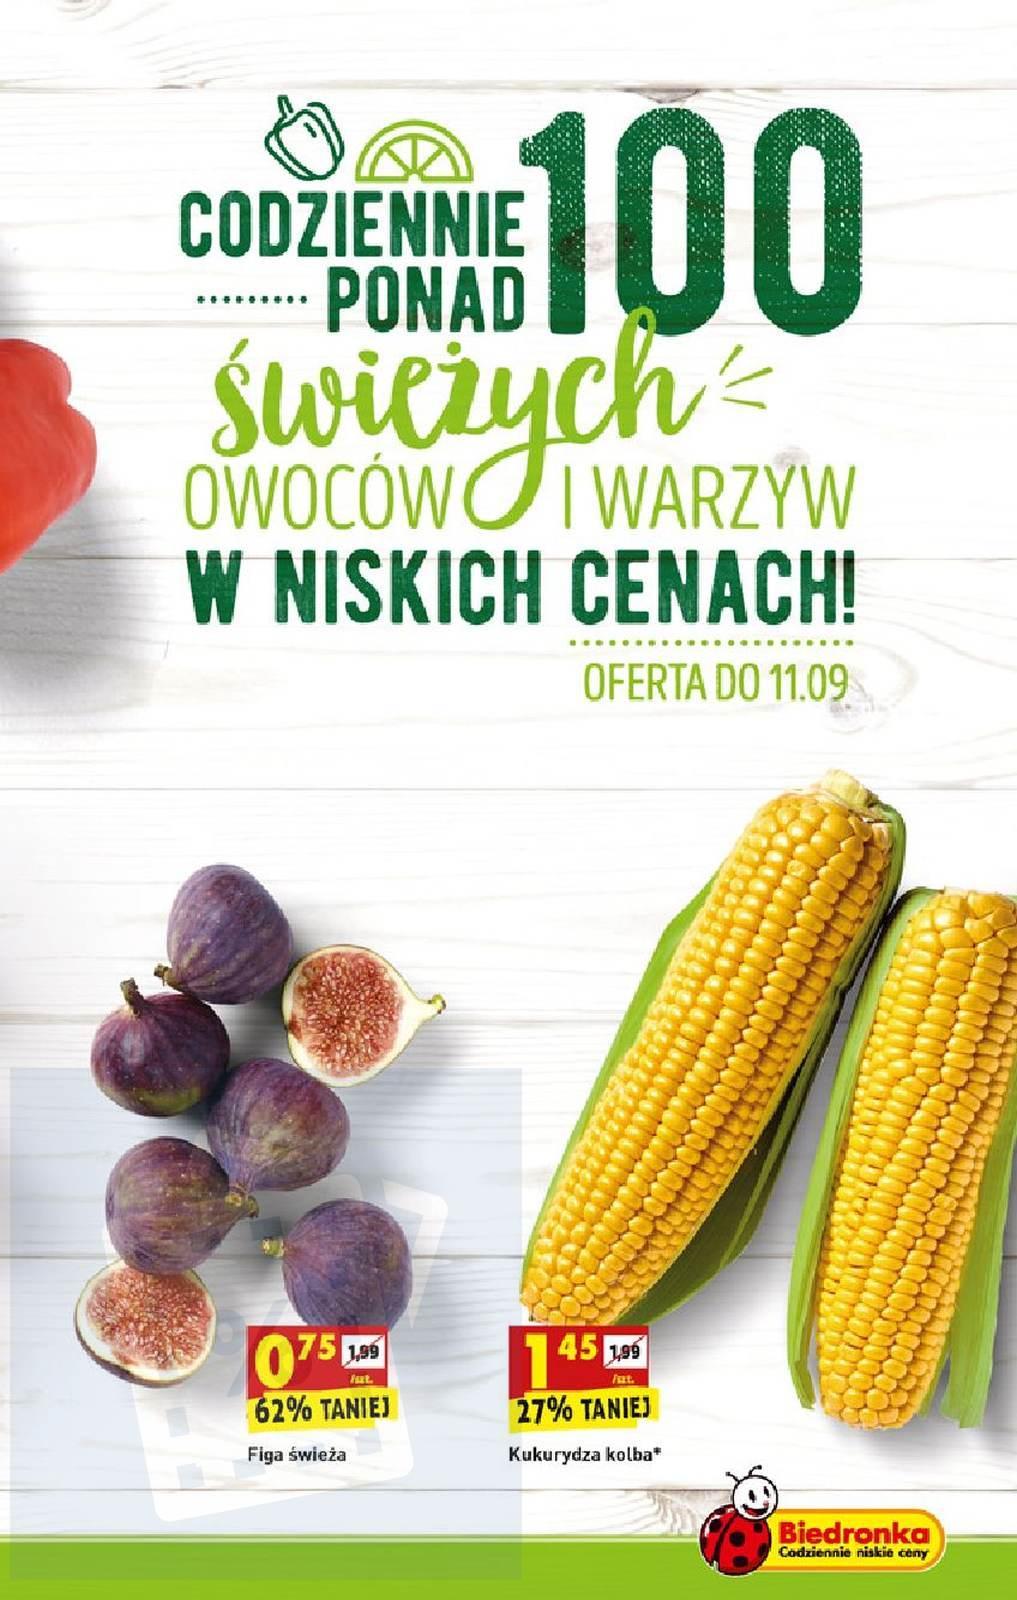 Gazetka promocyjna Biedronka do 14/09/2019 str.11